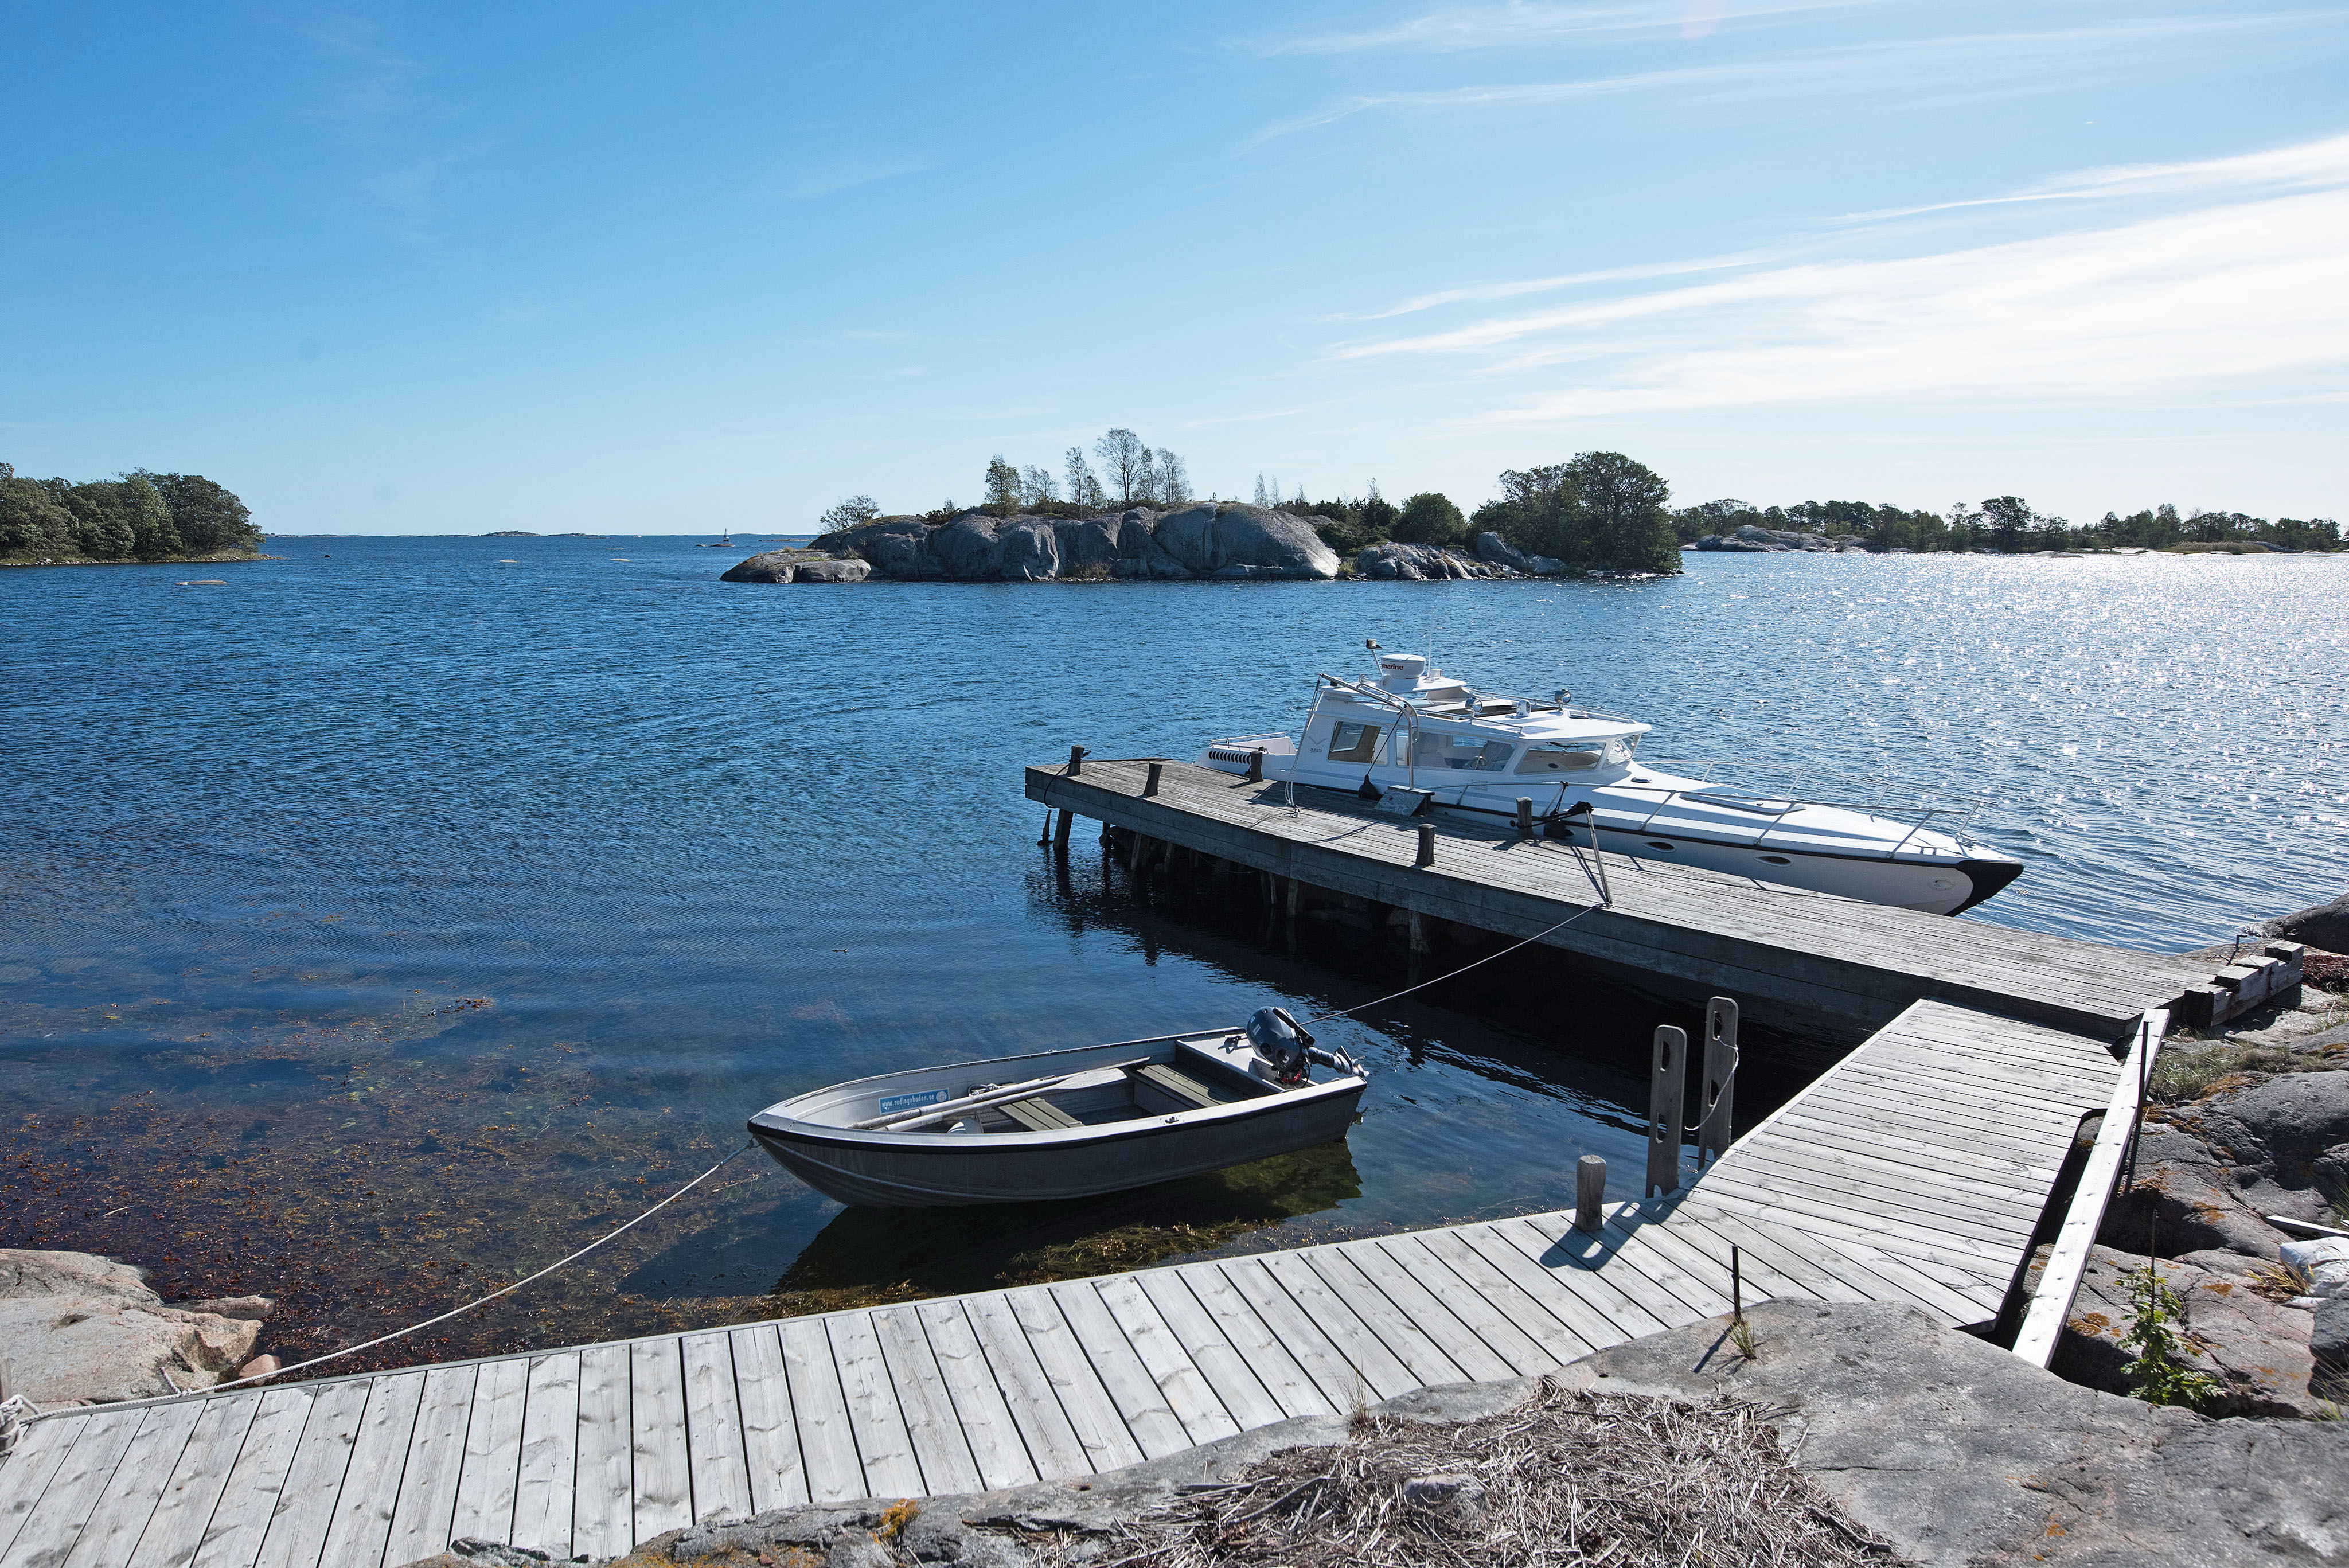 Hitta bostad i Stockholms skärgård med Skeppsholmen Sotheby's International Realty i Stockholm.